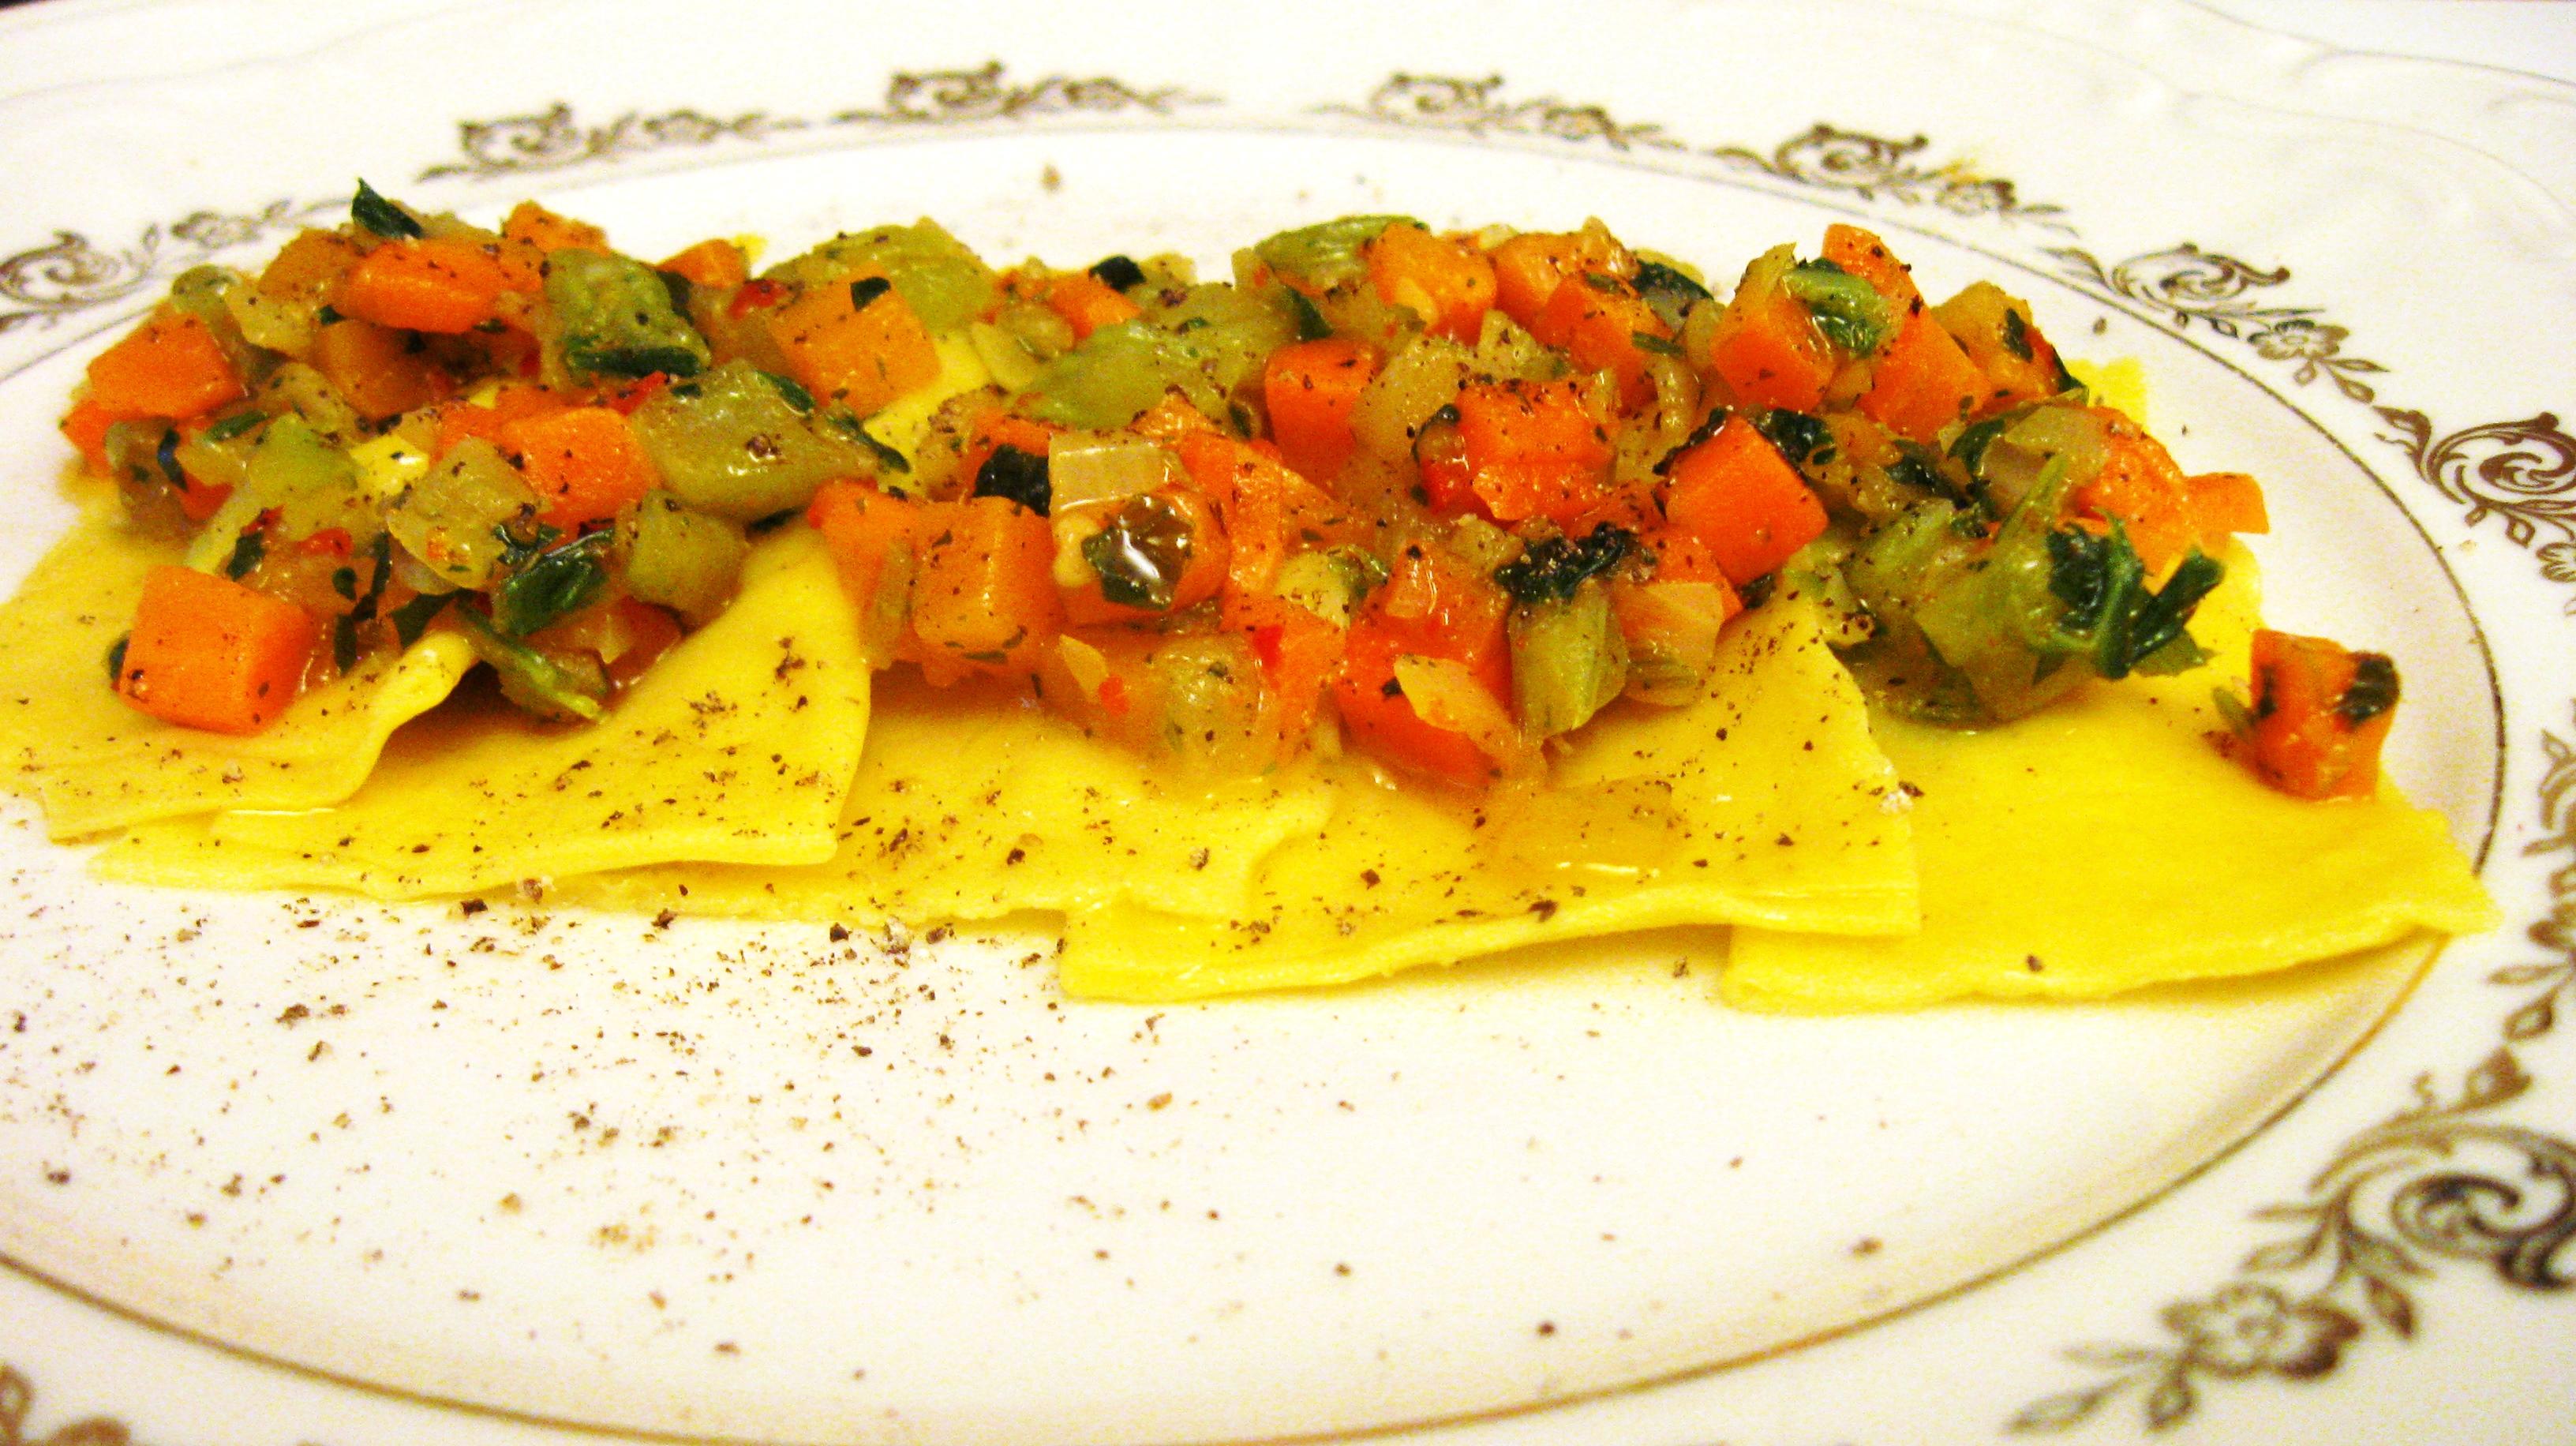 Ravioli fatti in casa di ricotta con verdurine